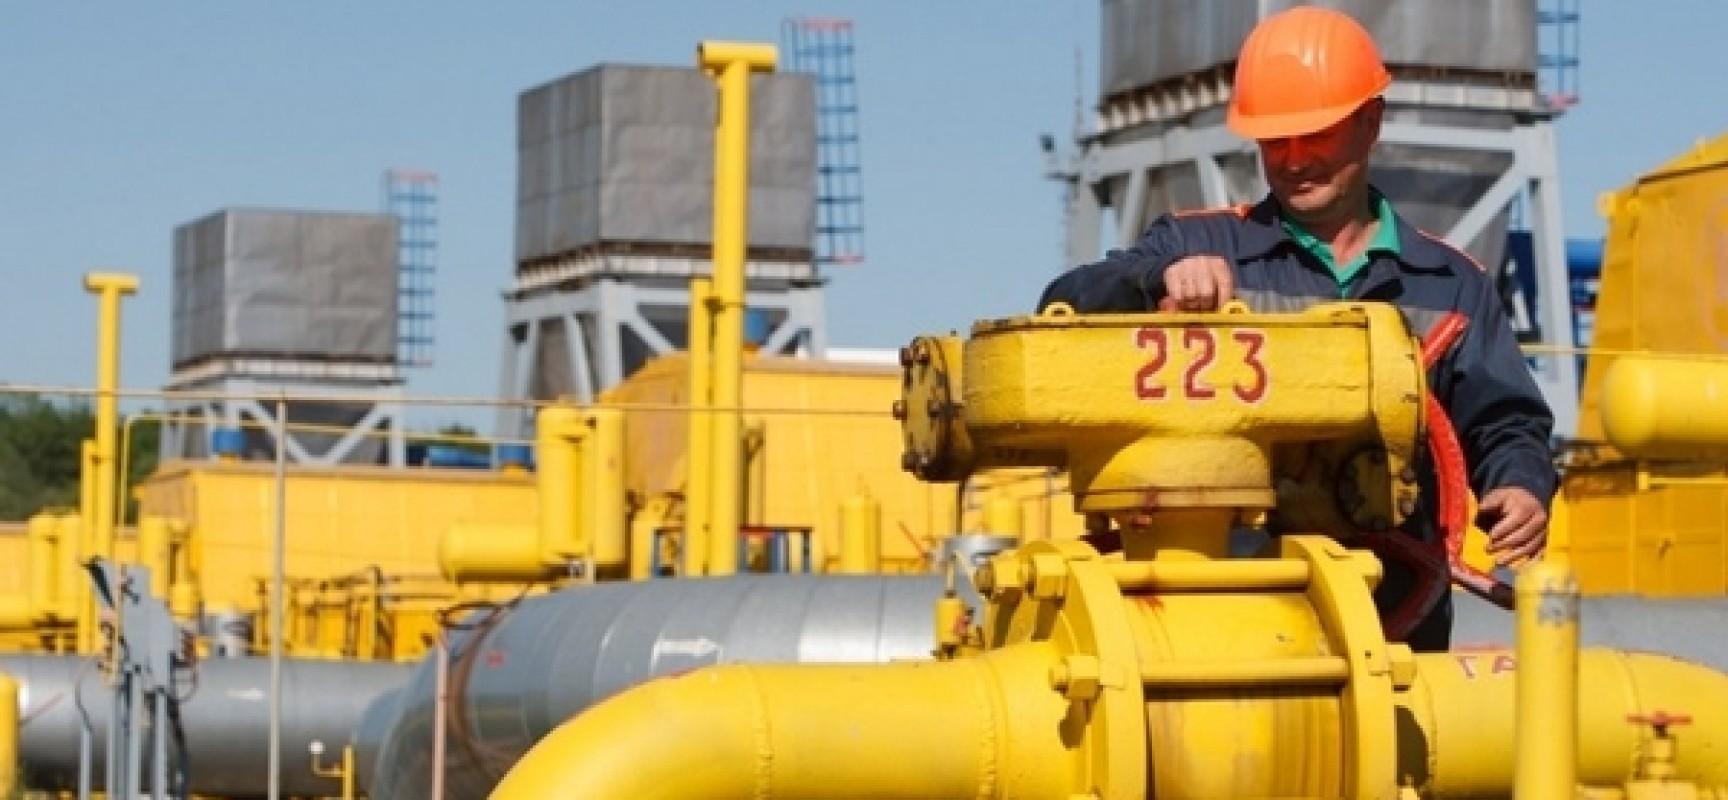 Guerre Froide ou guerre d'hiver? La Russie réduit ses livraisons de gaz à la Pologne